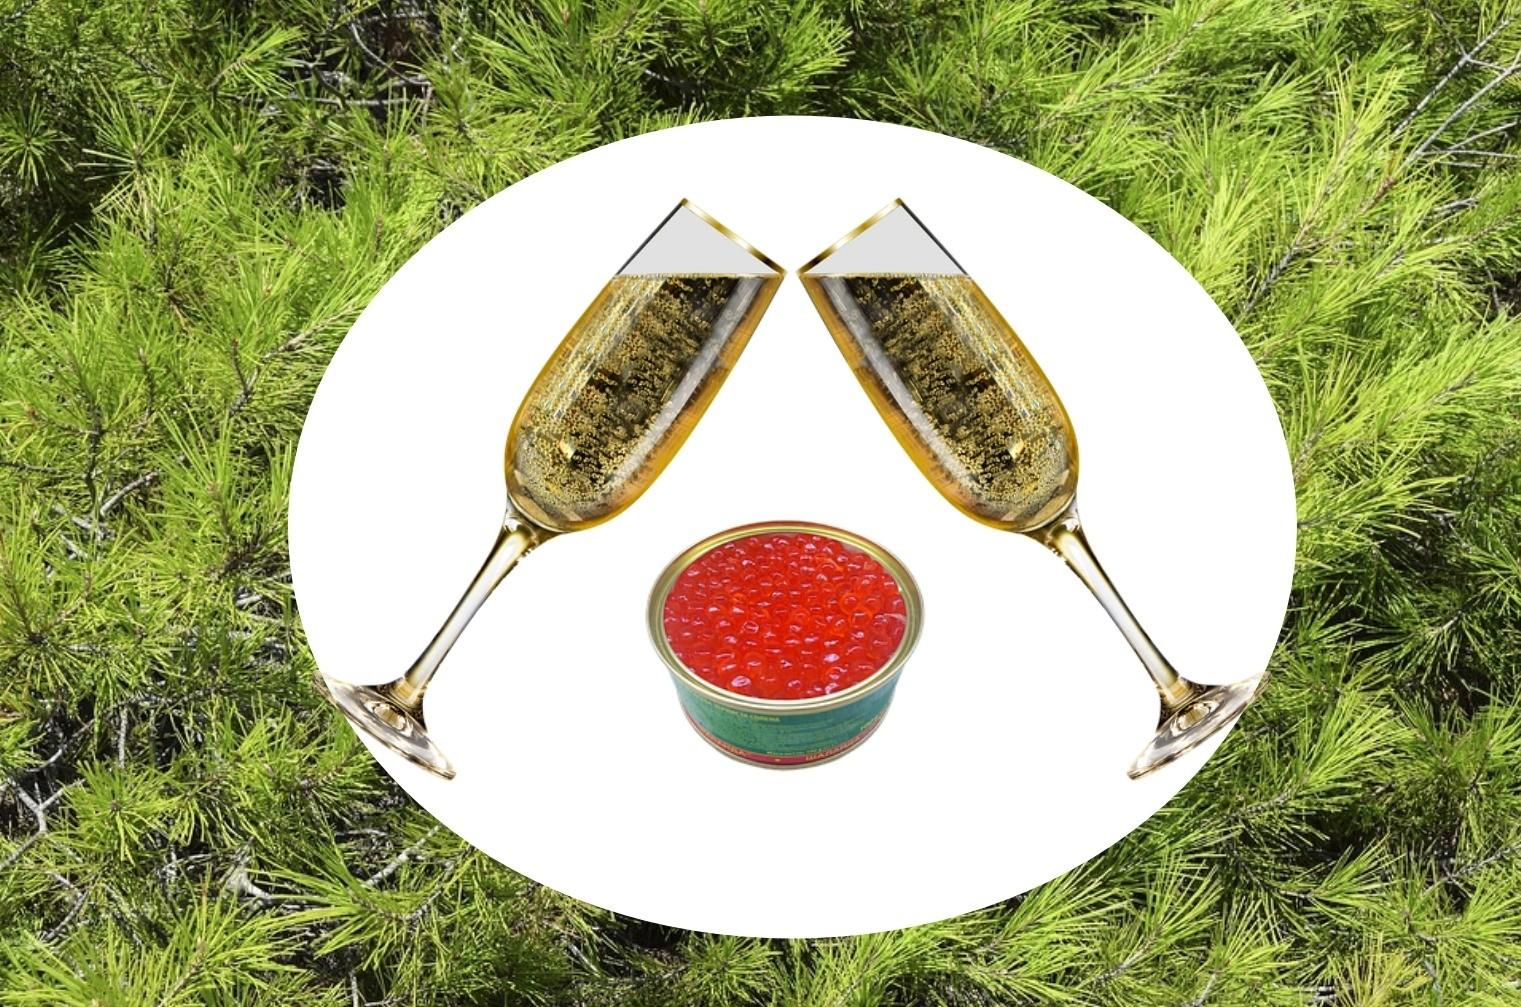 Выбираем шампанское и красную икру к Новому году: советы экспертов